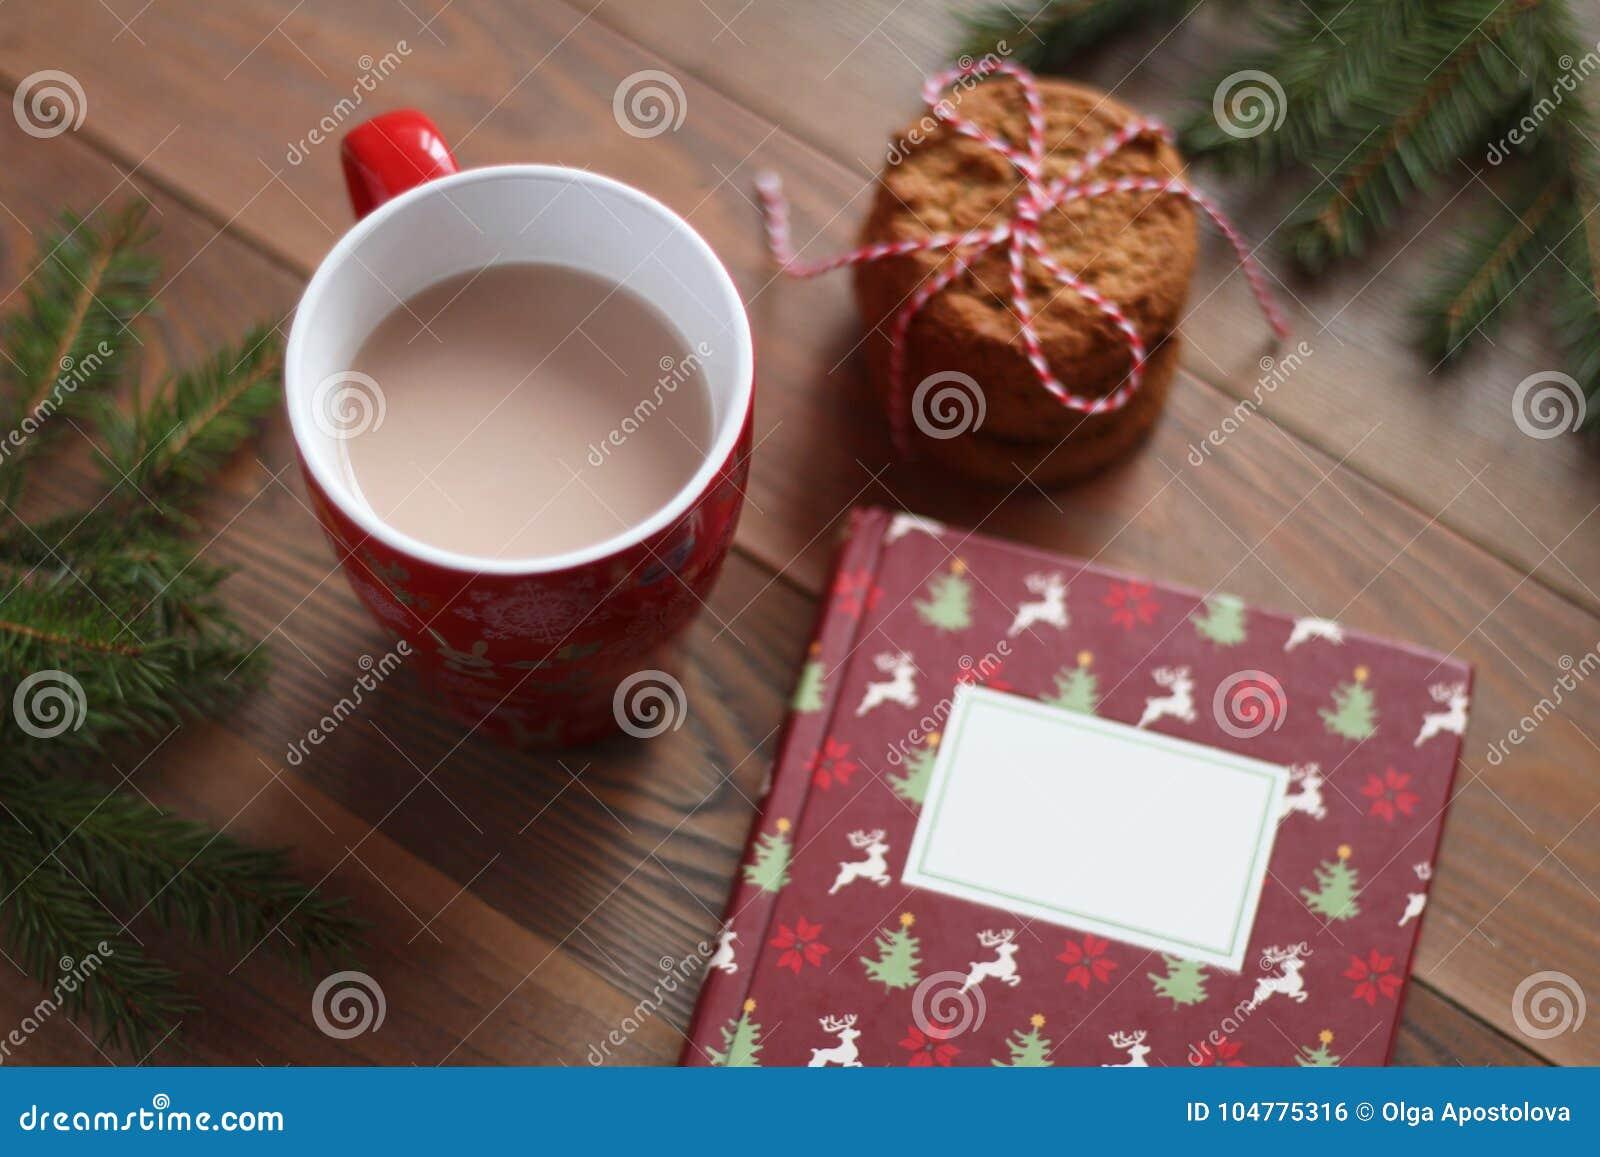 Czerwony kubek kakao, Bożenarodzeniowa książka i stos ciastka na drewnianym stole,